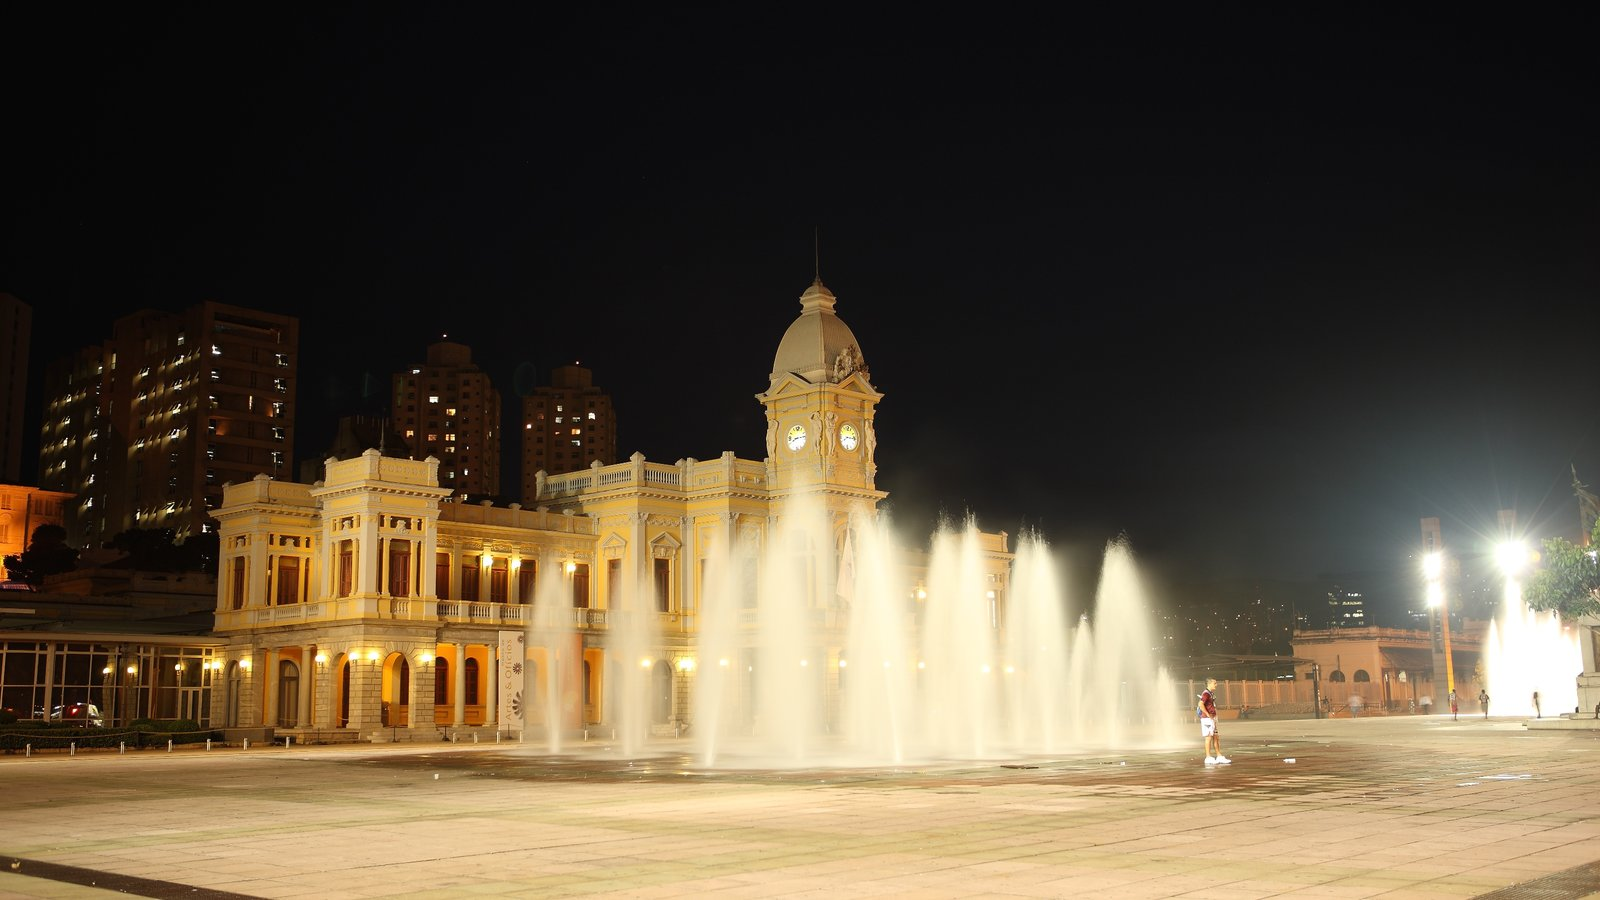 Belo Horizonte que inclui cenas noturnas, uma praça ou plaza e uma fonte